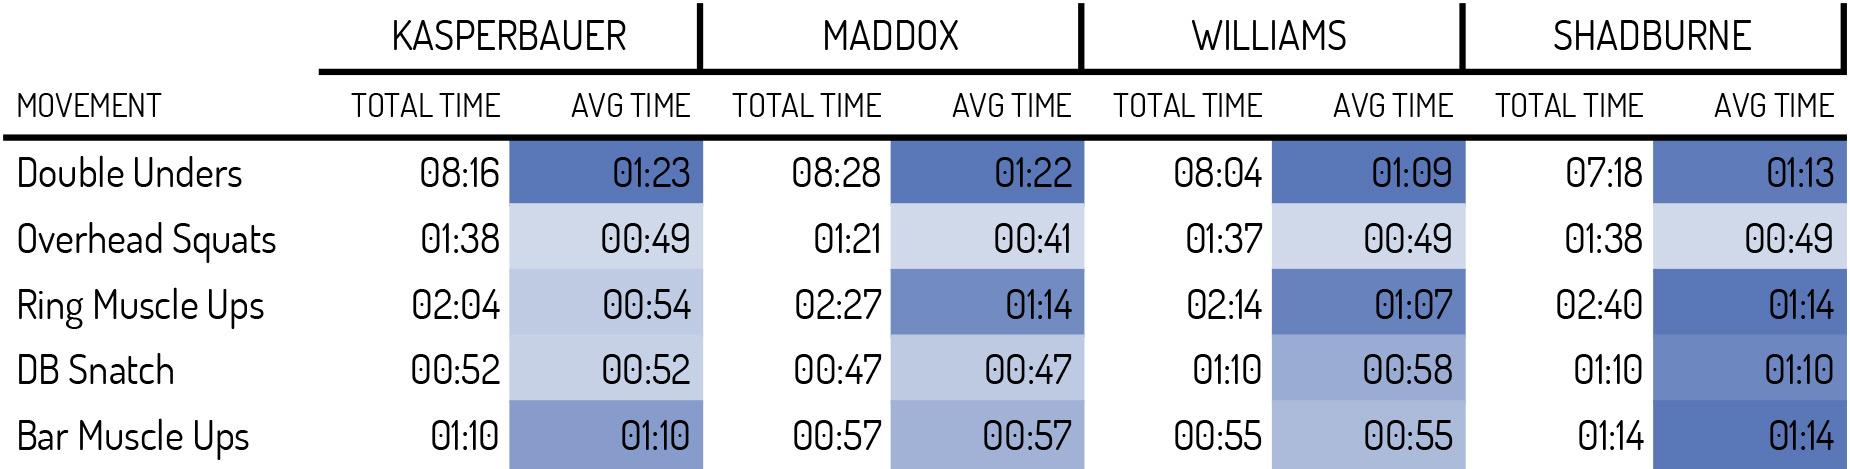 18.3-Performance-Averages-1.jpg